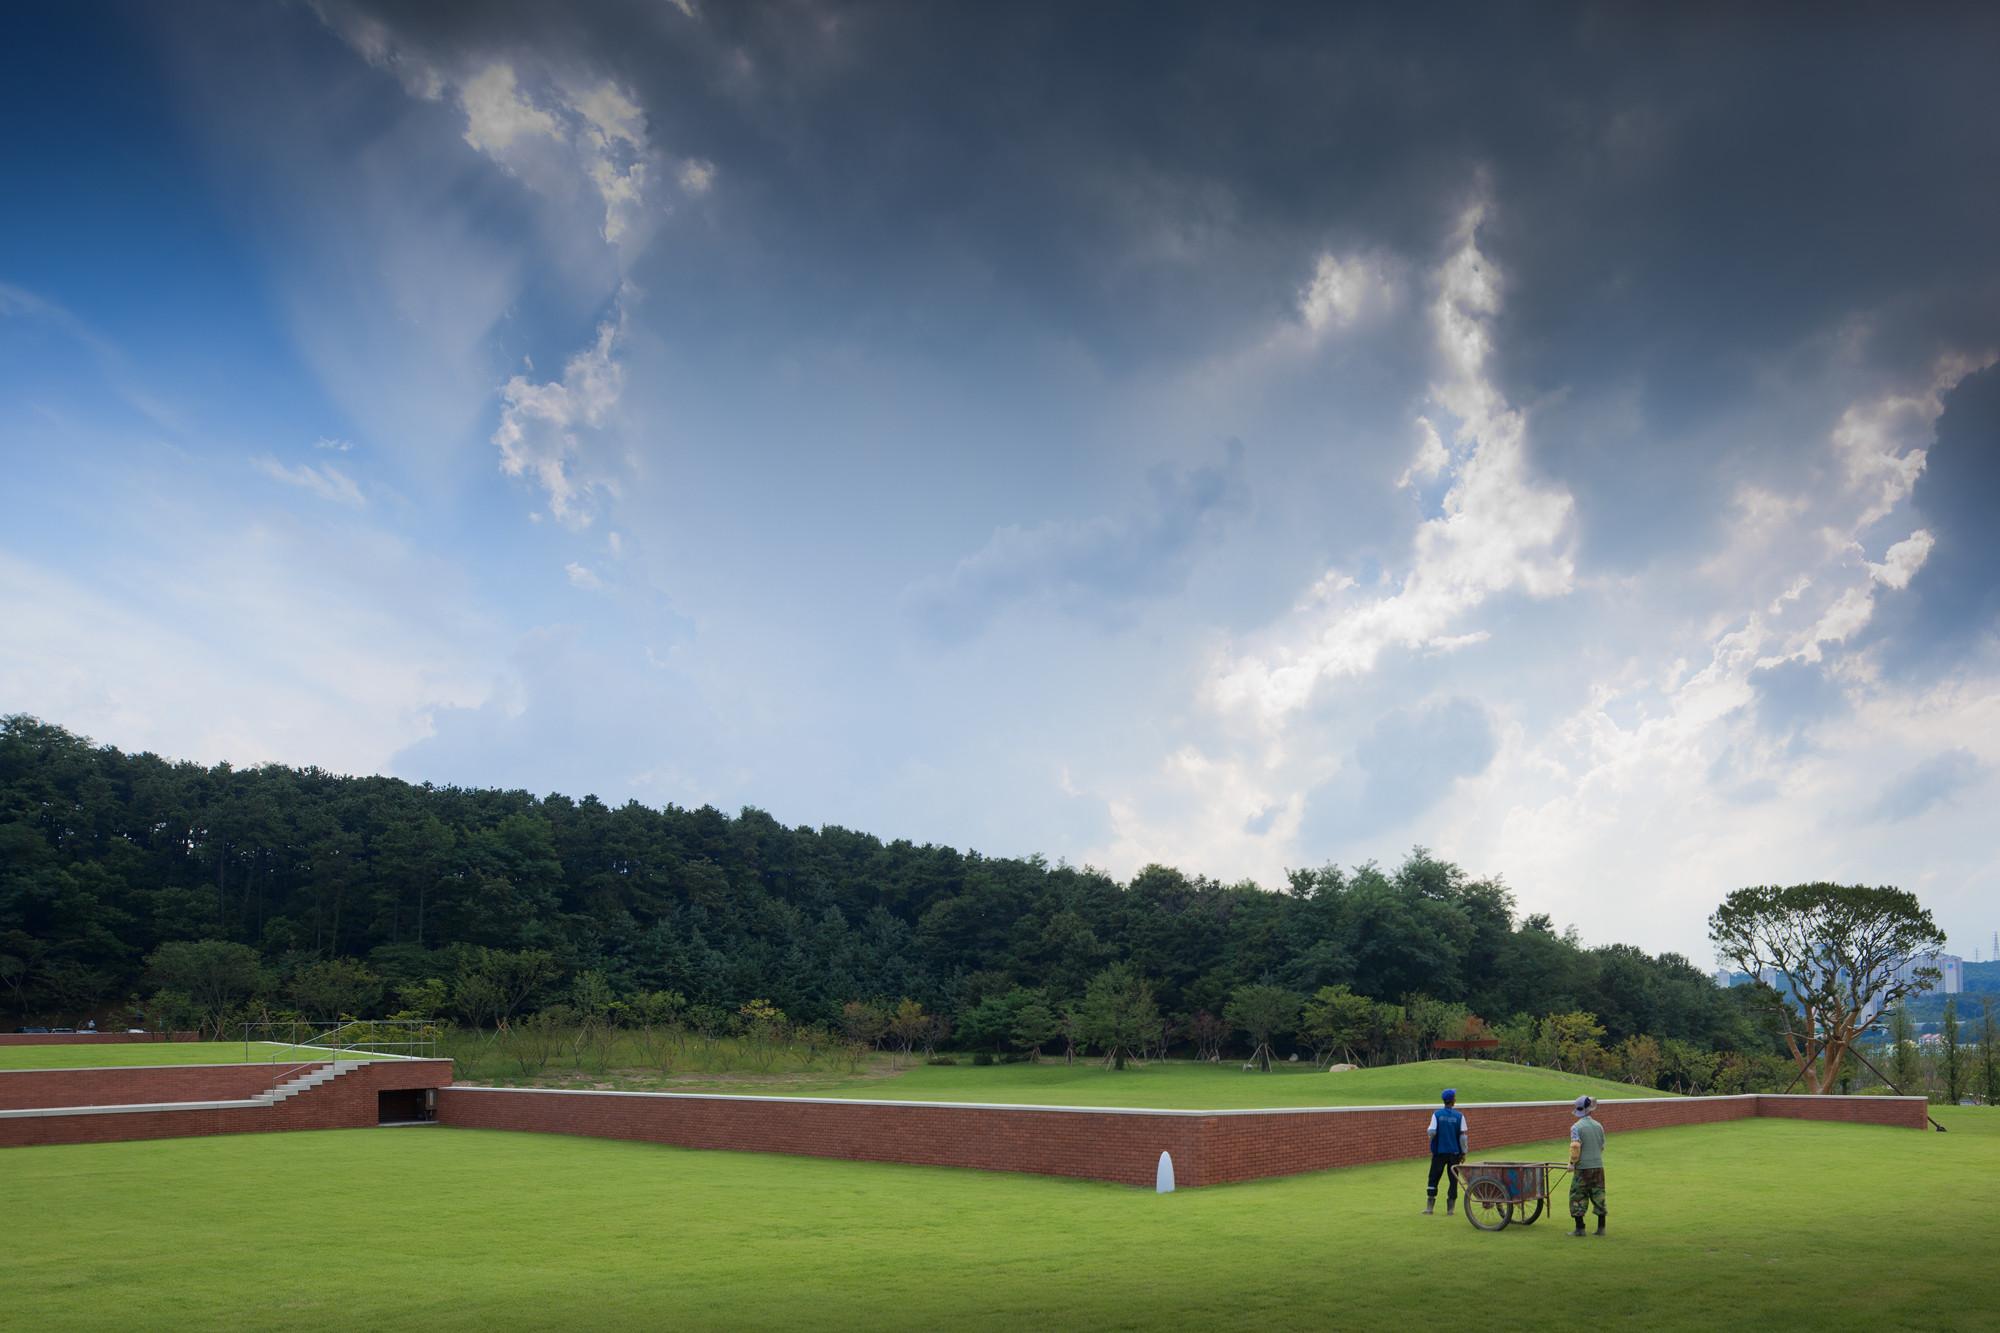 Amore Pacific Campus - with Carlos Castanheira & Kim Jong Kyu. Image © Fernando Guerra | FG+SG